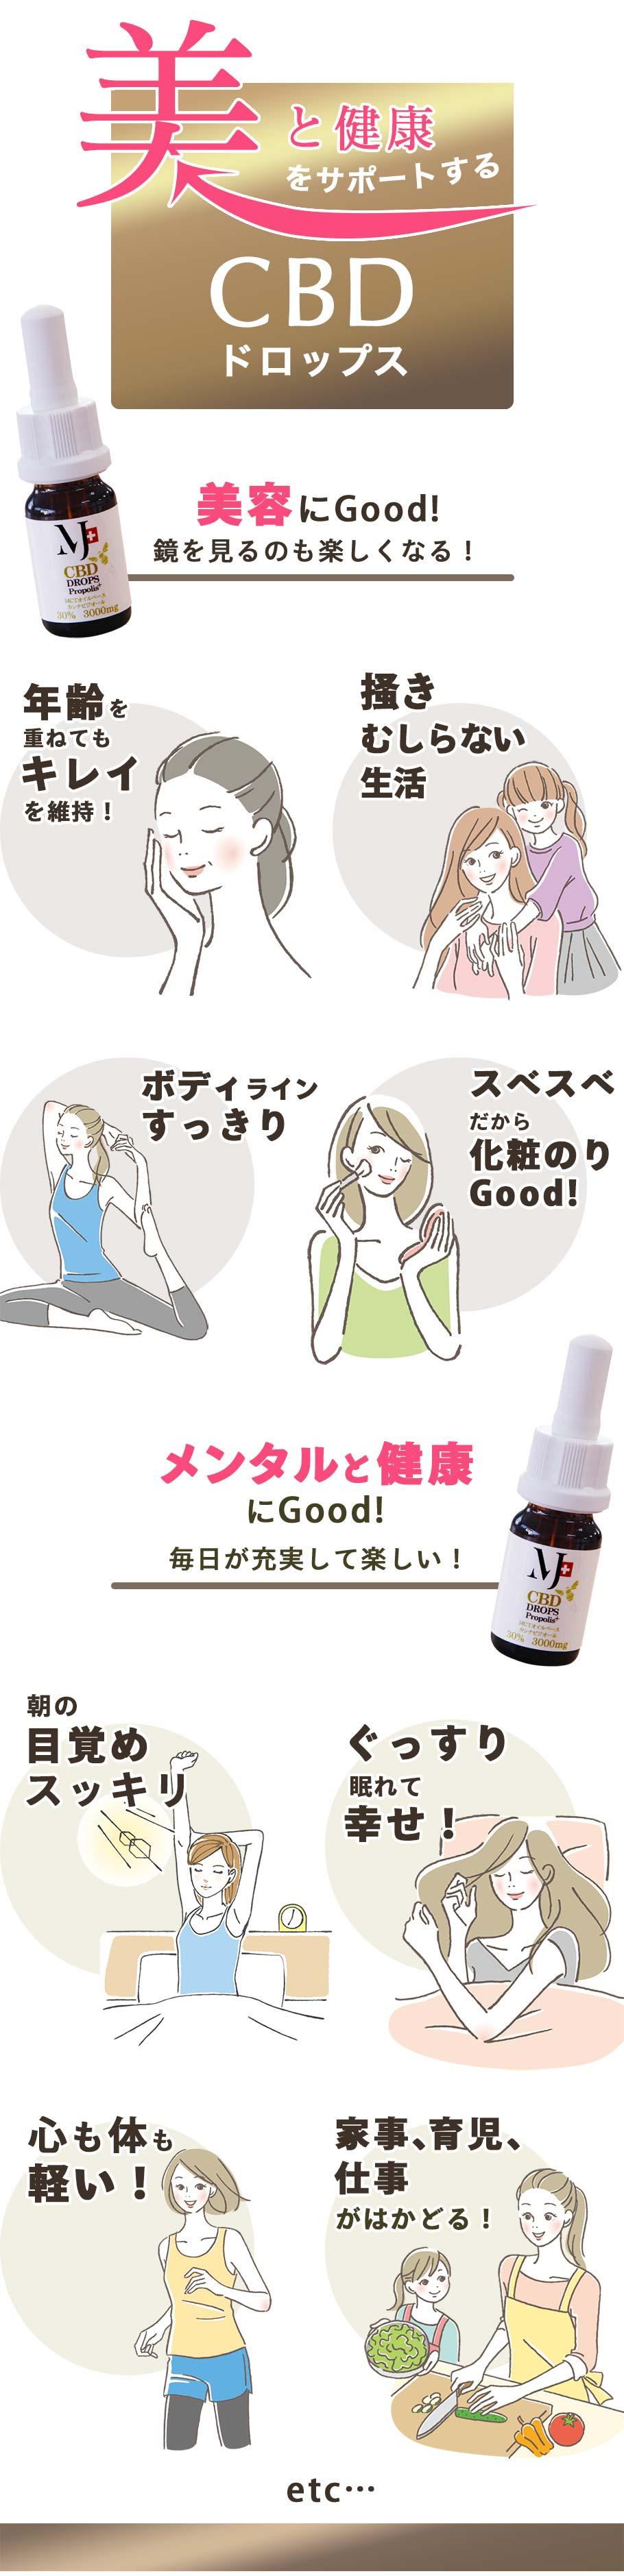 美をサポートするCBDドロップス。いつの間にか、毎日が充実。鏡を見るのも楽しく!目覚めスッキリ、お肌の調子がいい!エイジングケア、ストレスケアに!ダイエットにも効果的